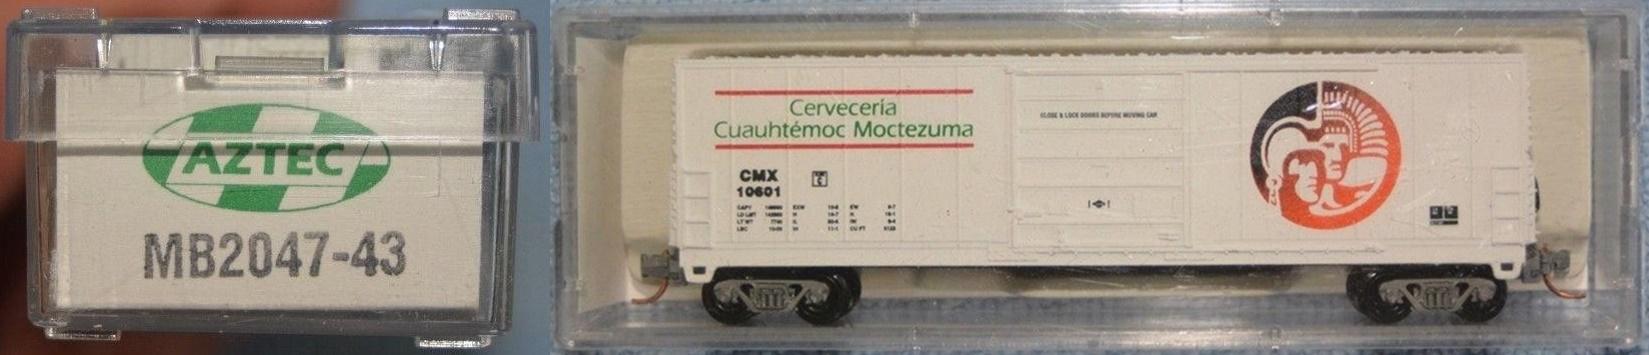 N Scale - Aztec - MB2047-43 - Boxcar, 50 Foot, Evans 5277 - Cervecería Cuauhtémoc Moctezuma - 10601